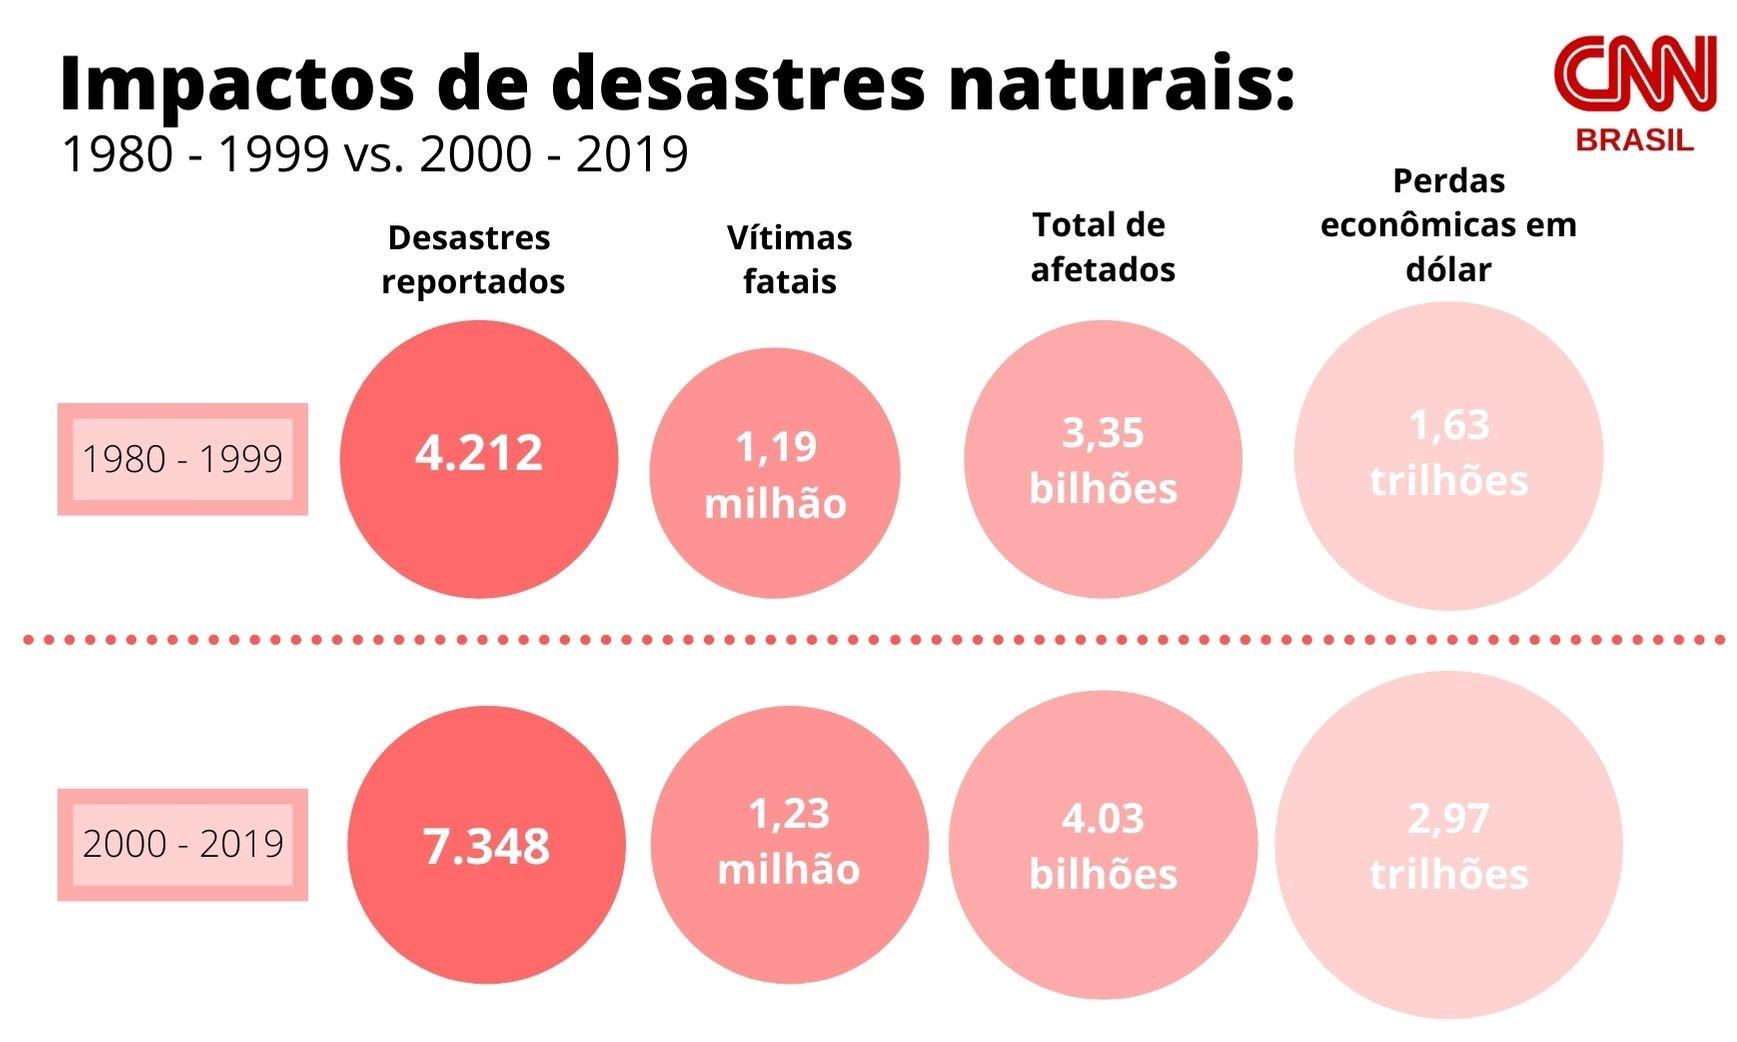 Gráfico sobre os impactos de desastres naturais entre 1980-1999 vs. 2000-2019